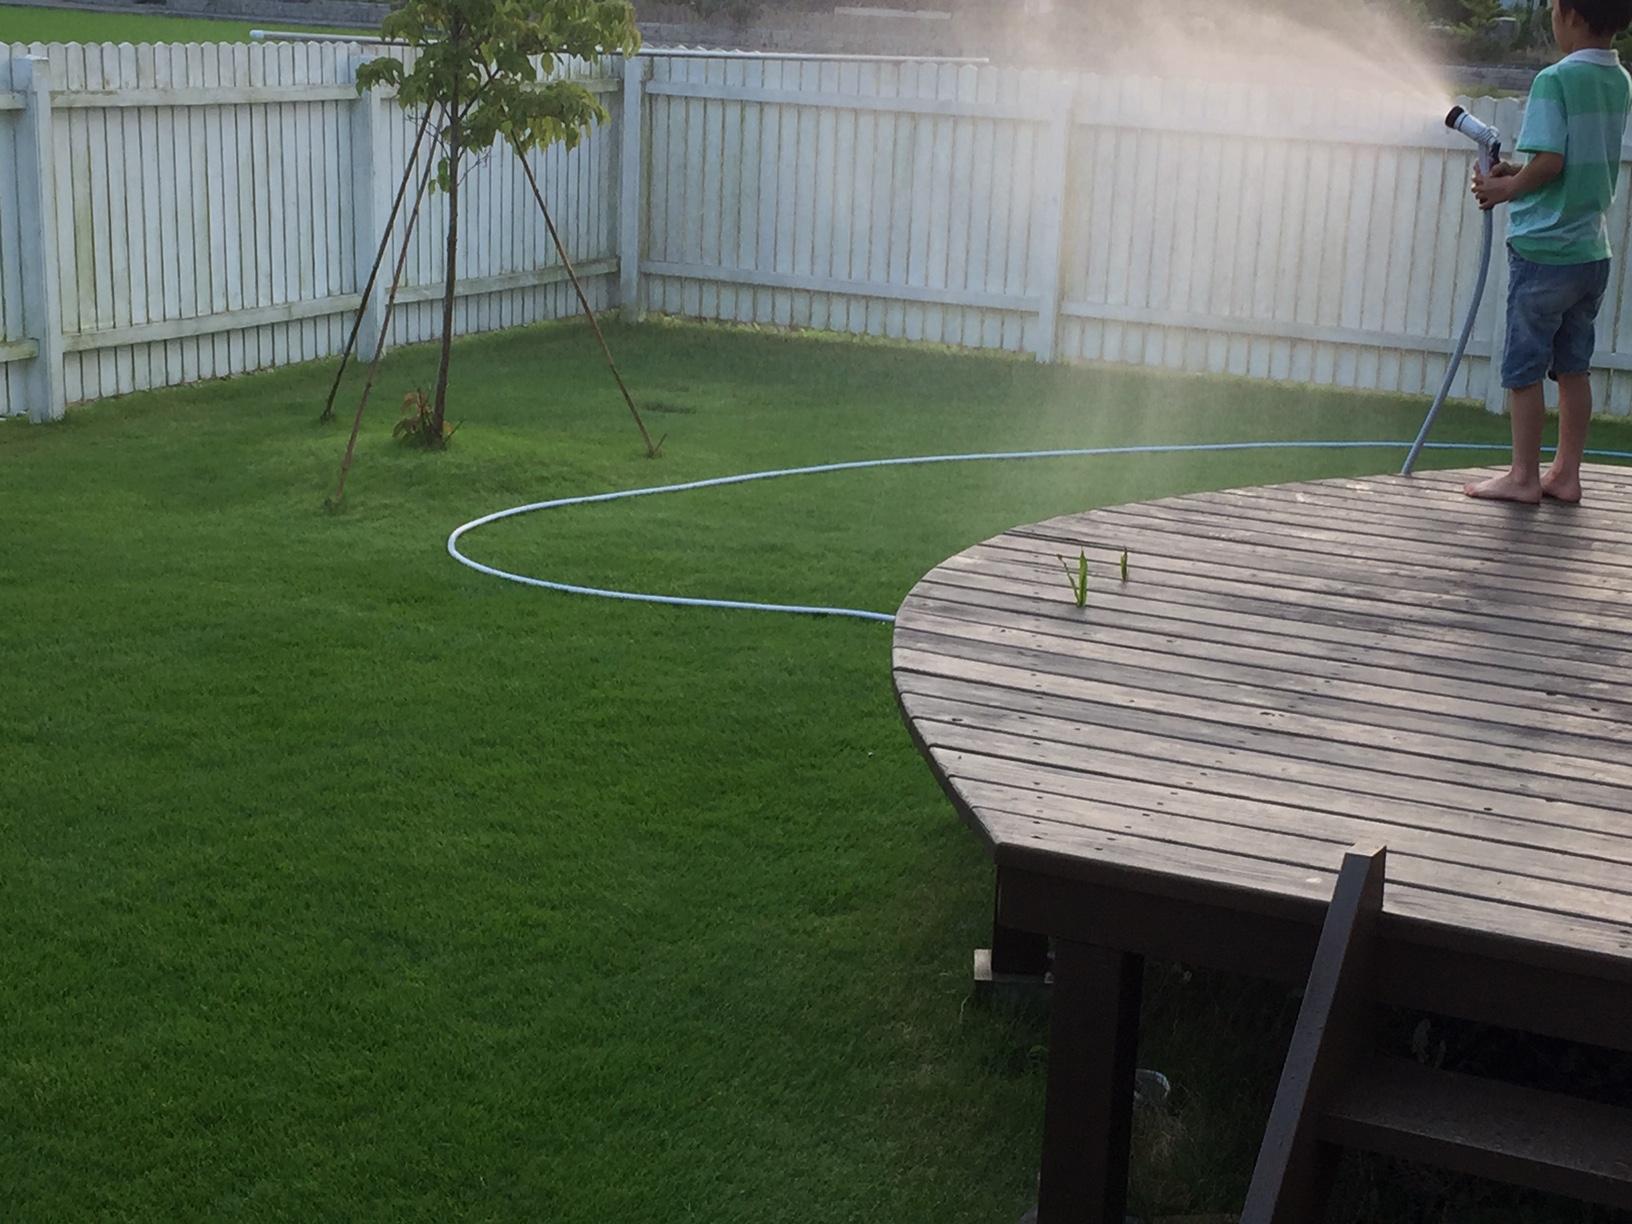 2019.06.19 芝生の状況(水やり)